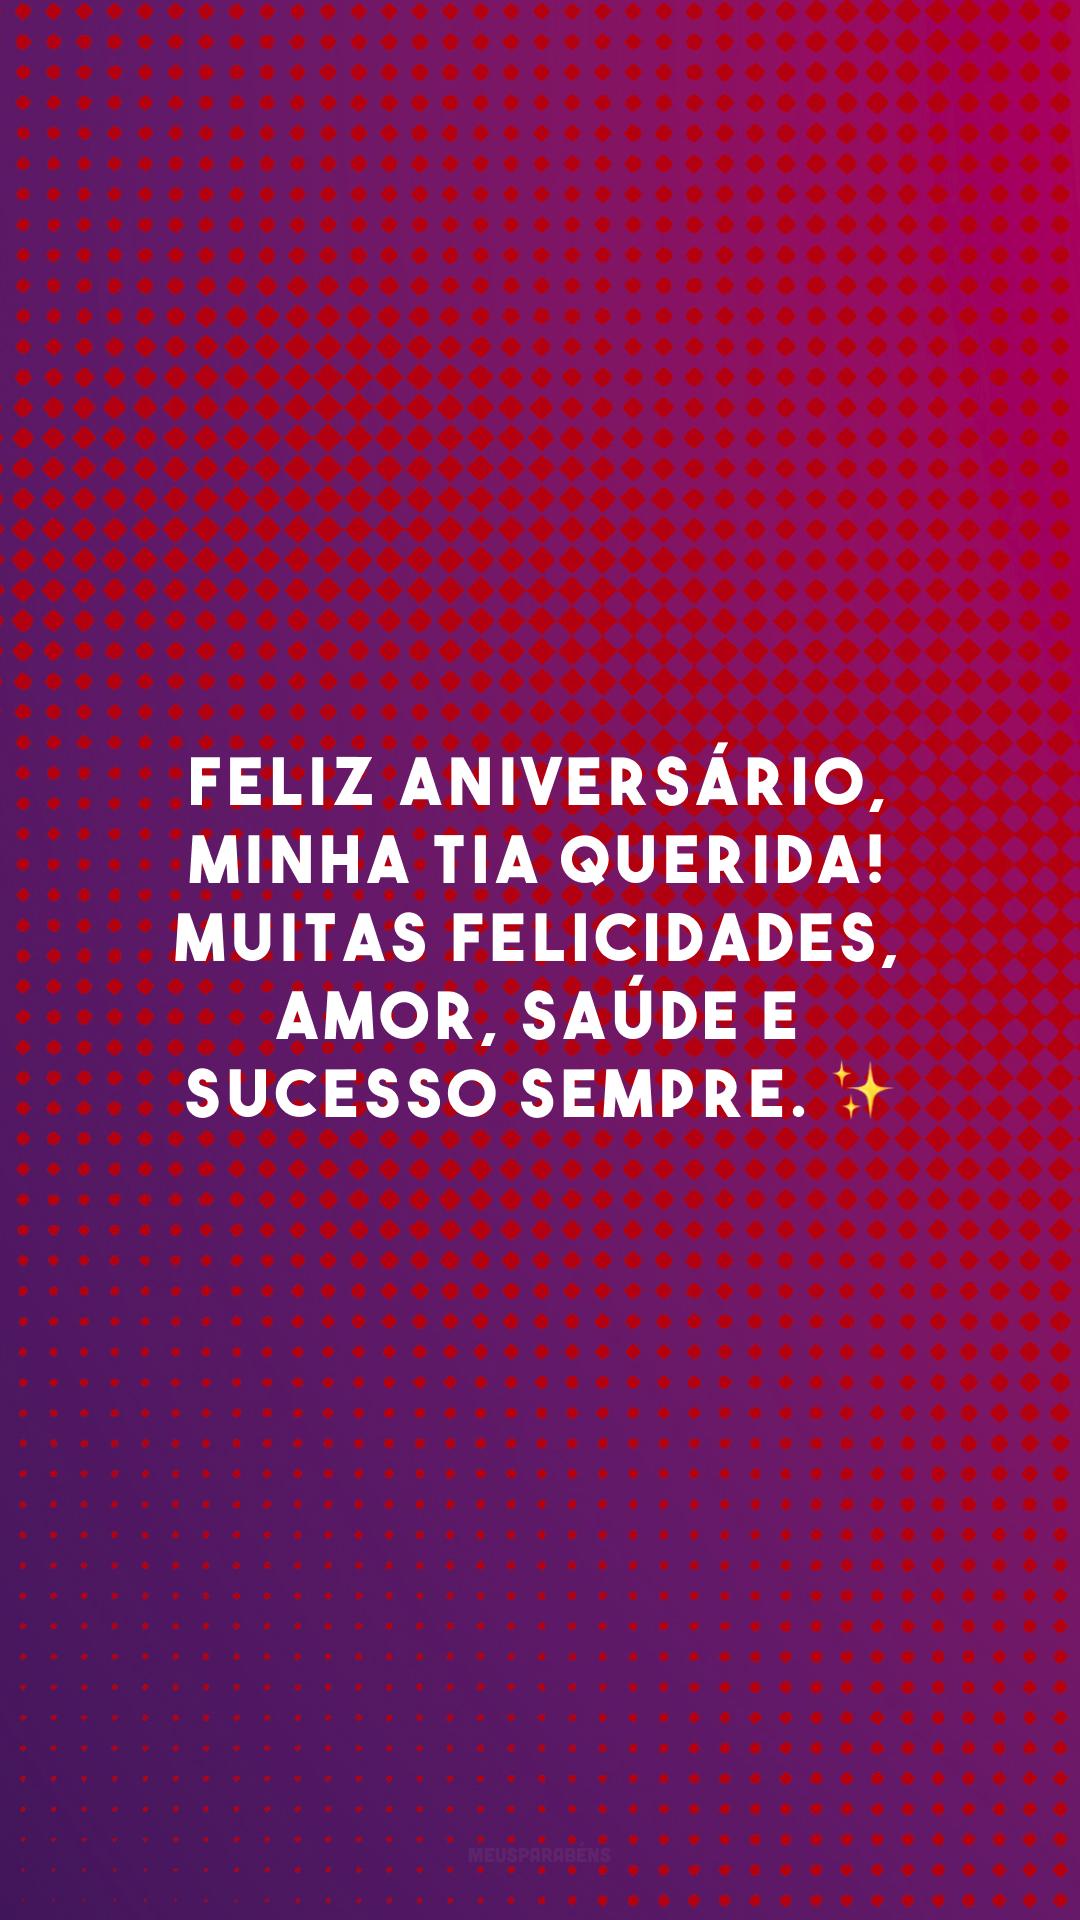 Feliz aniversário, minha tia querida! Muitas felicidades, amor, saúde e sucesso sempre. ✨